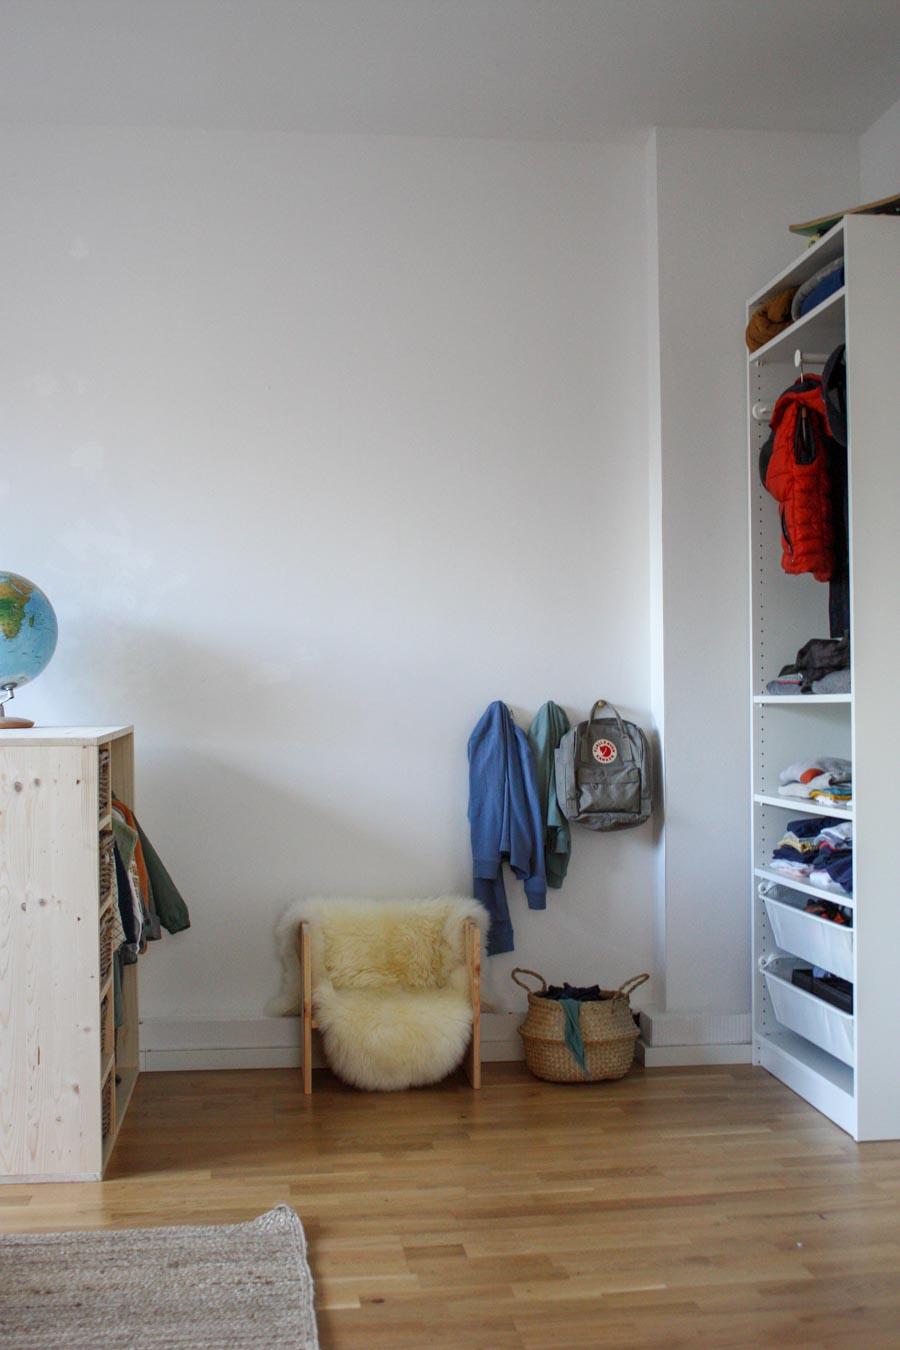 Ankleidebereich für Kinder in einem Montessori Kinderzimmer einrichten: Alles auf Höhe der Kinder. Wir zeigen wir ihr Kindermöbel selbermachen könnt #diy #selbermachen #holz #wenigplatz #diyidee #möbel